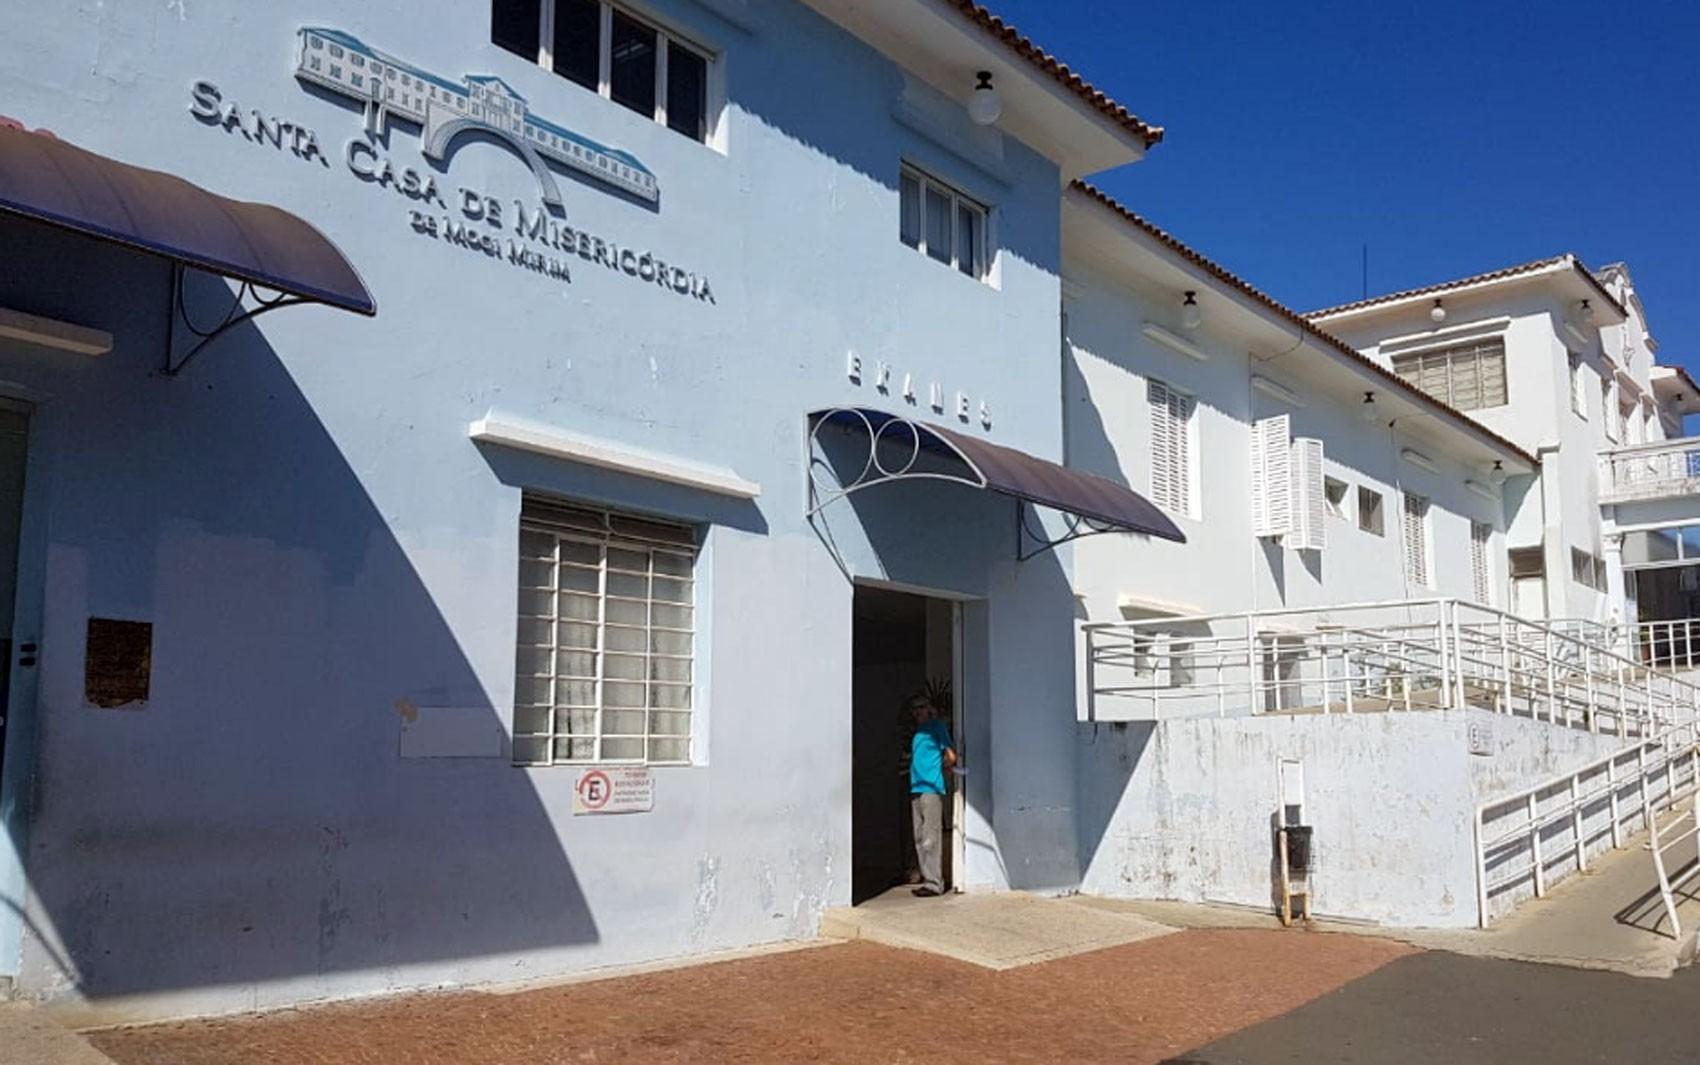 Prefeitura alega falta de recursos e desiste de assumir gestão da Santa Casa de Mogi Mirim - Noticias